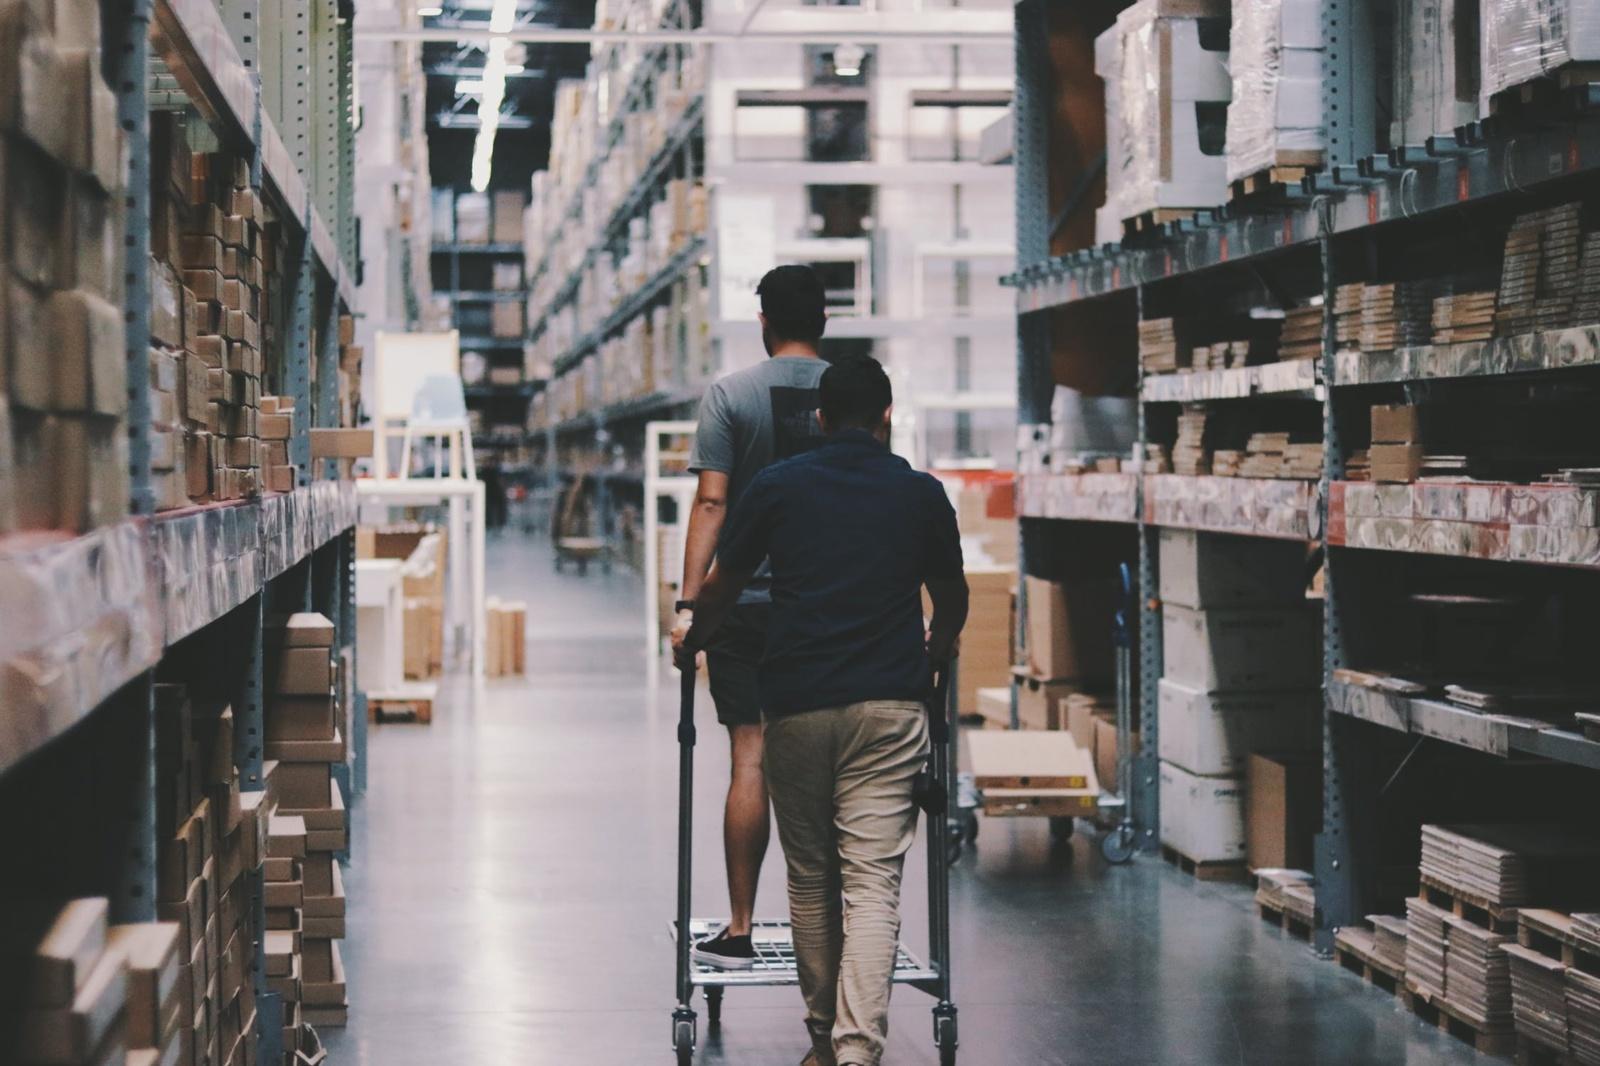 Prekybos įranga mažmeninės prekybos parduotuvėms